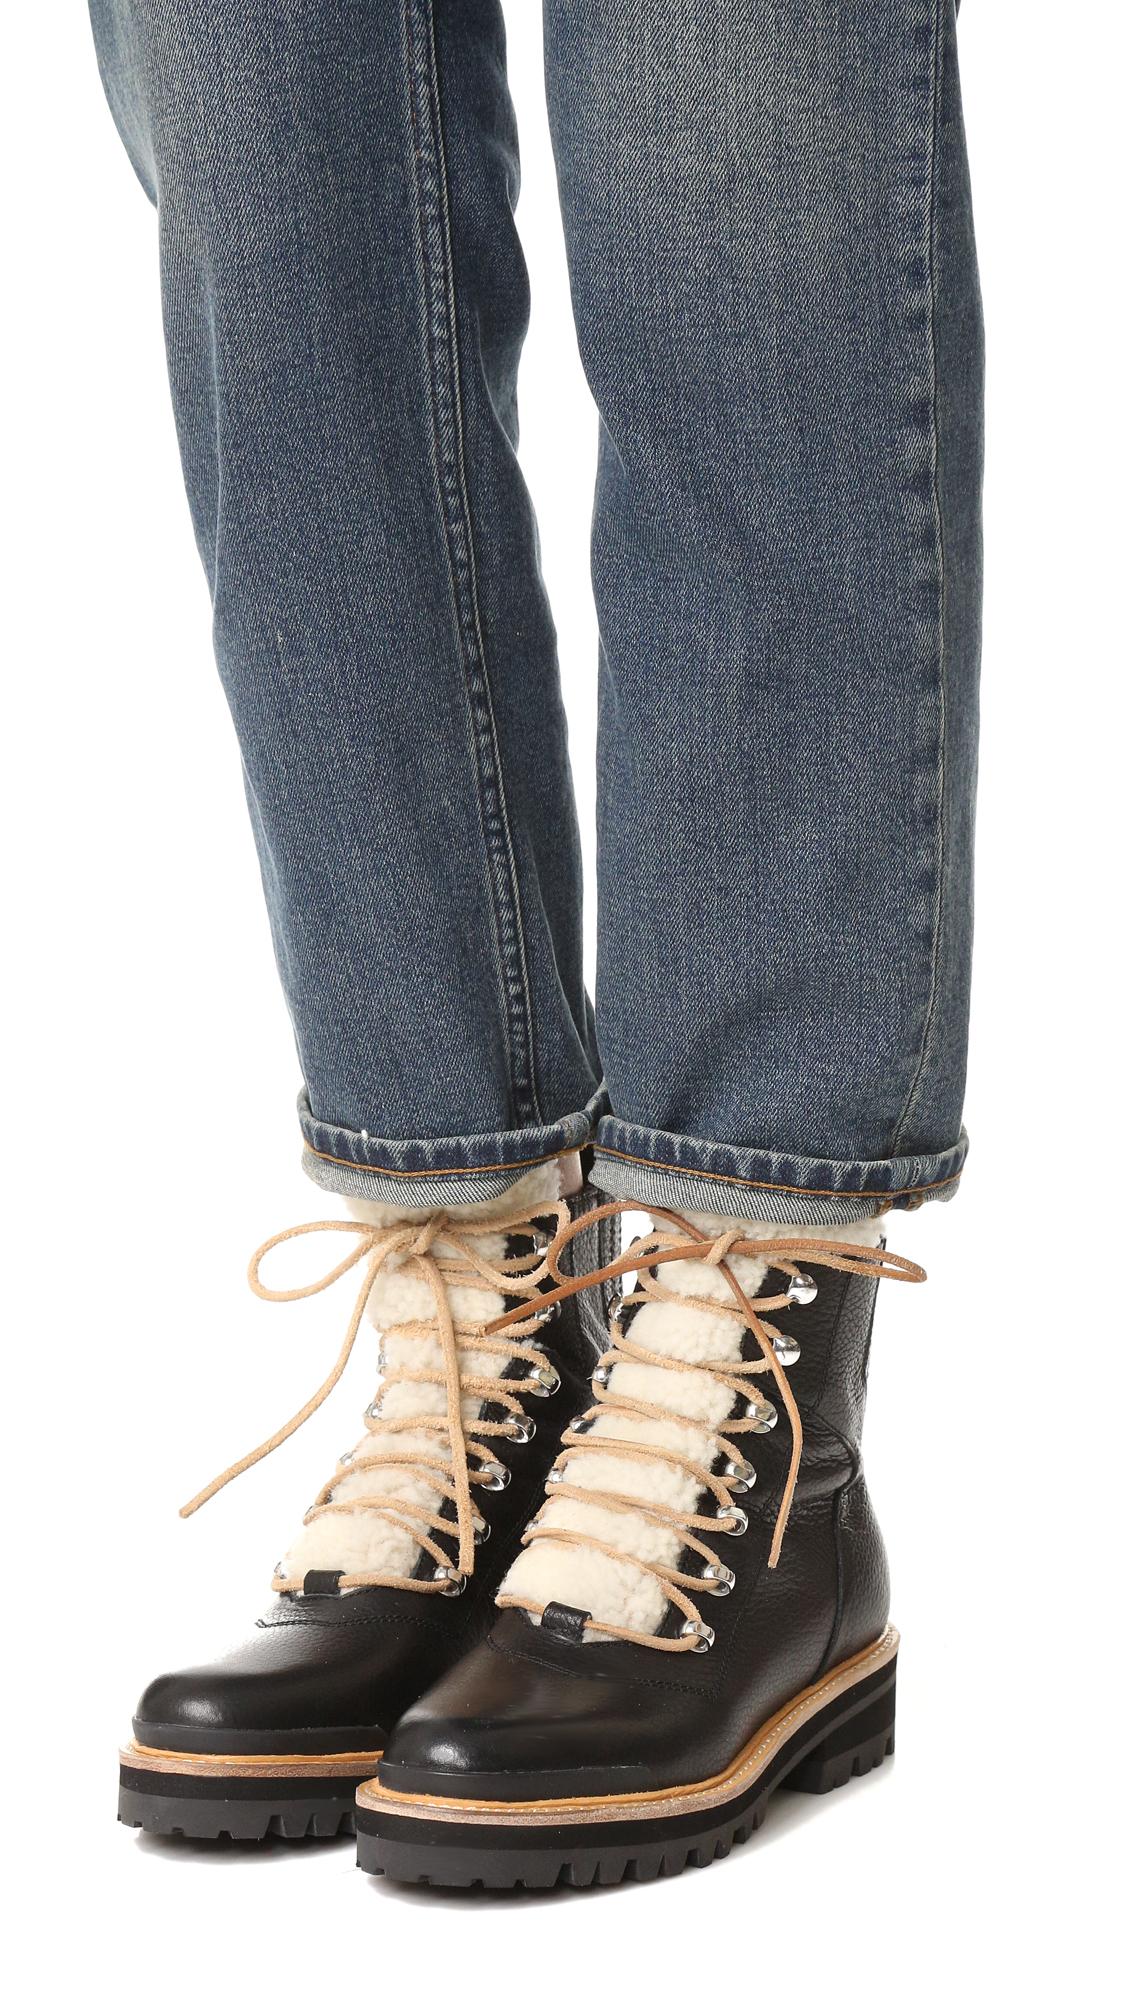 FOOTWEAR - Lace-up shoes Sigerson Morrison 9U8PHS7